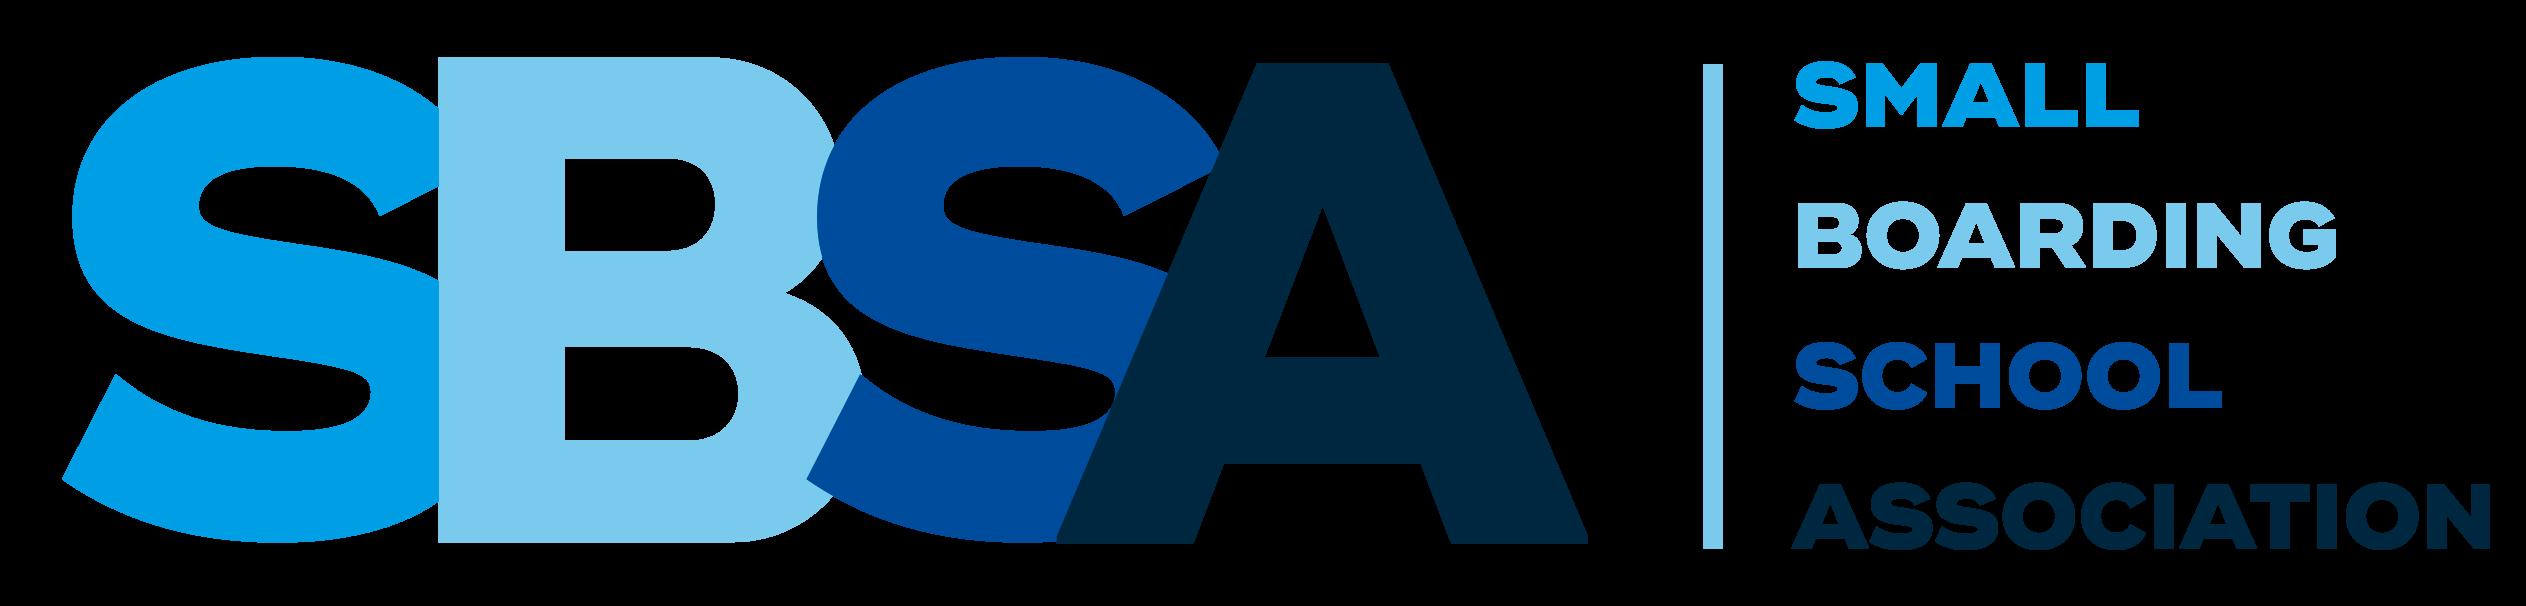 Small Boarding School Association Logo